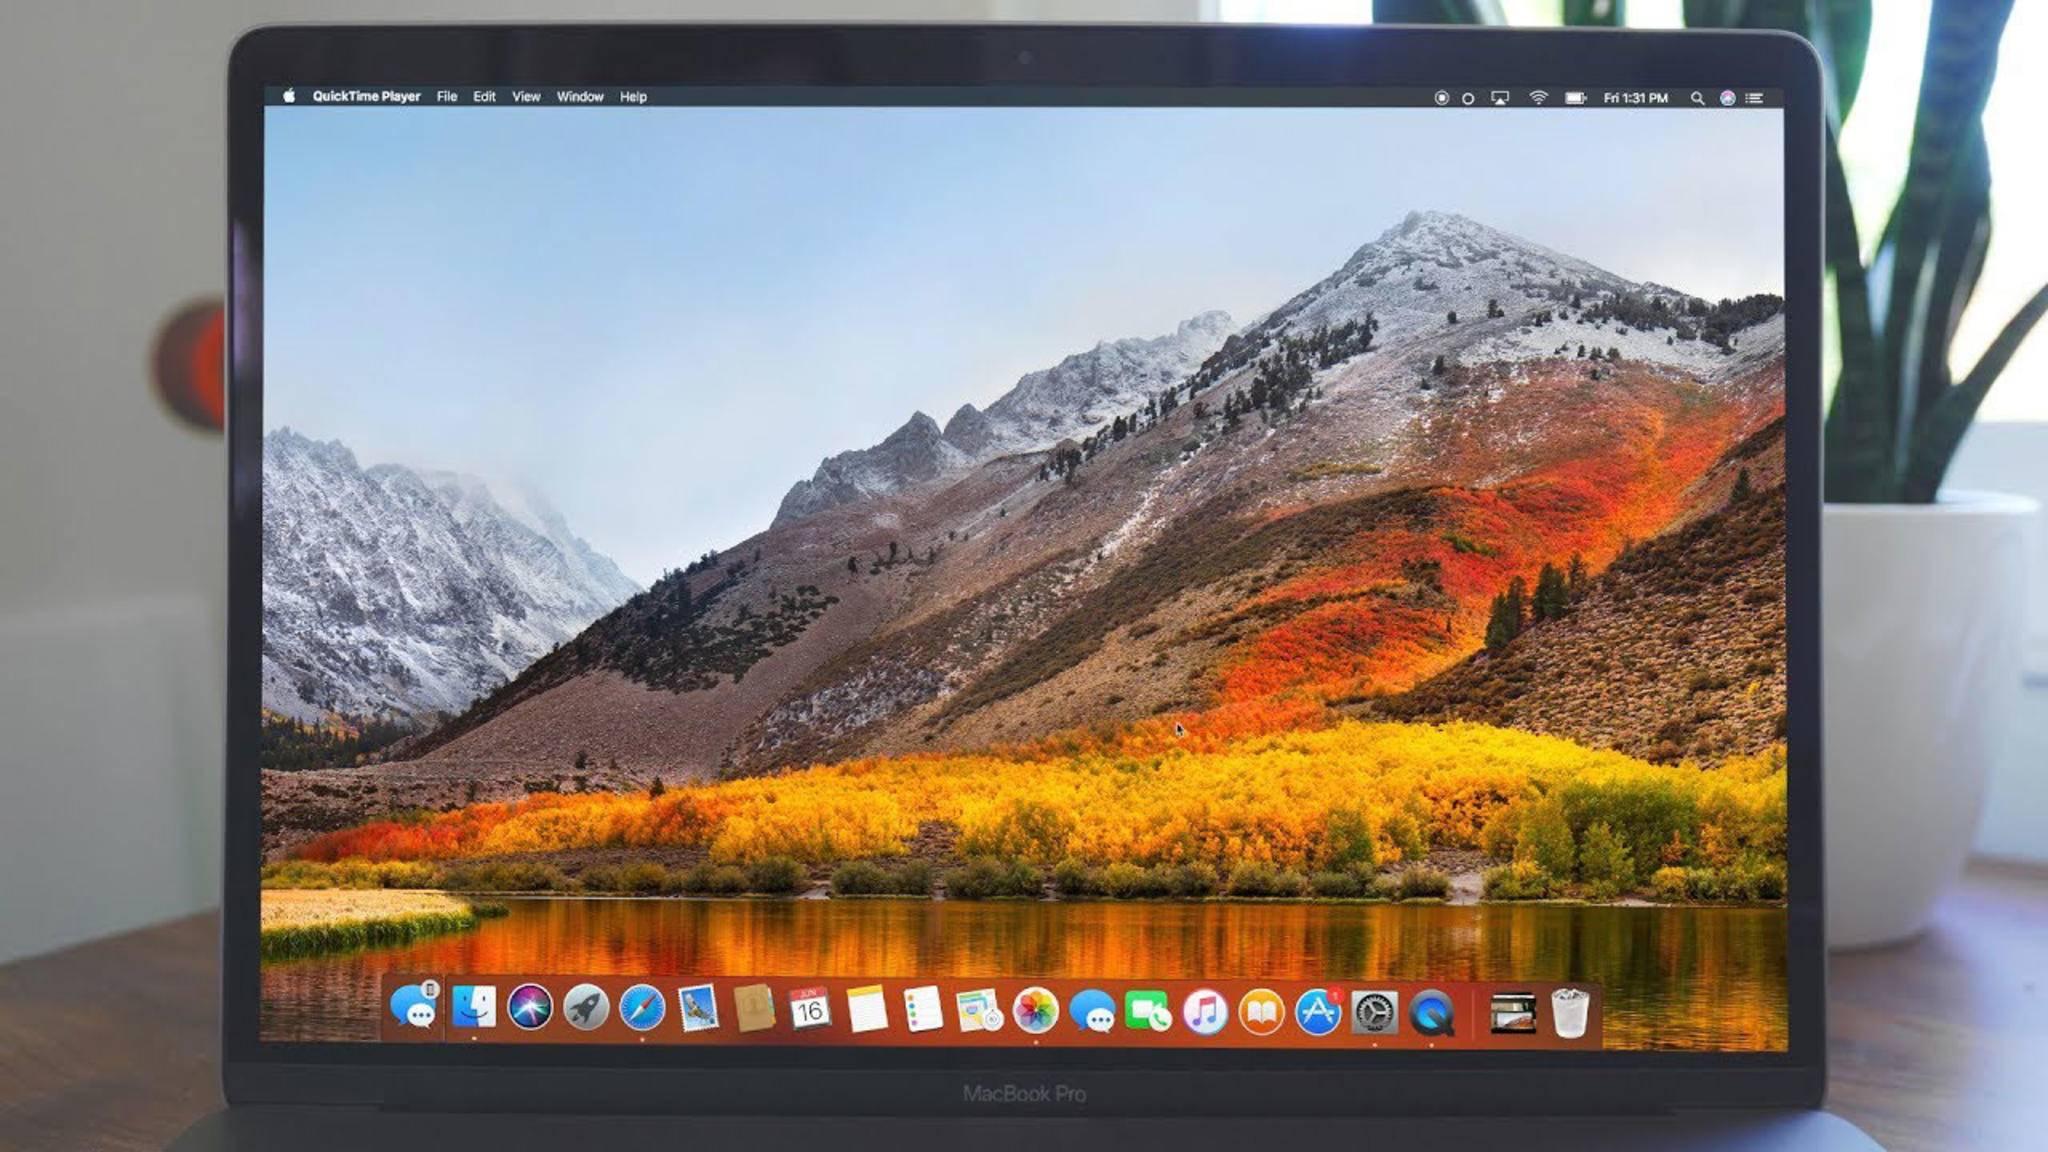 Durch eine schwere Sicherheitslücke kann das Passwortschutz in macOS High Sierra umgangen werden.